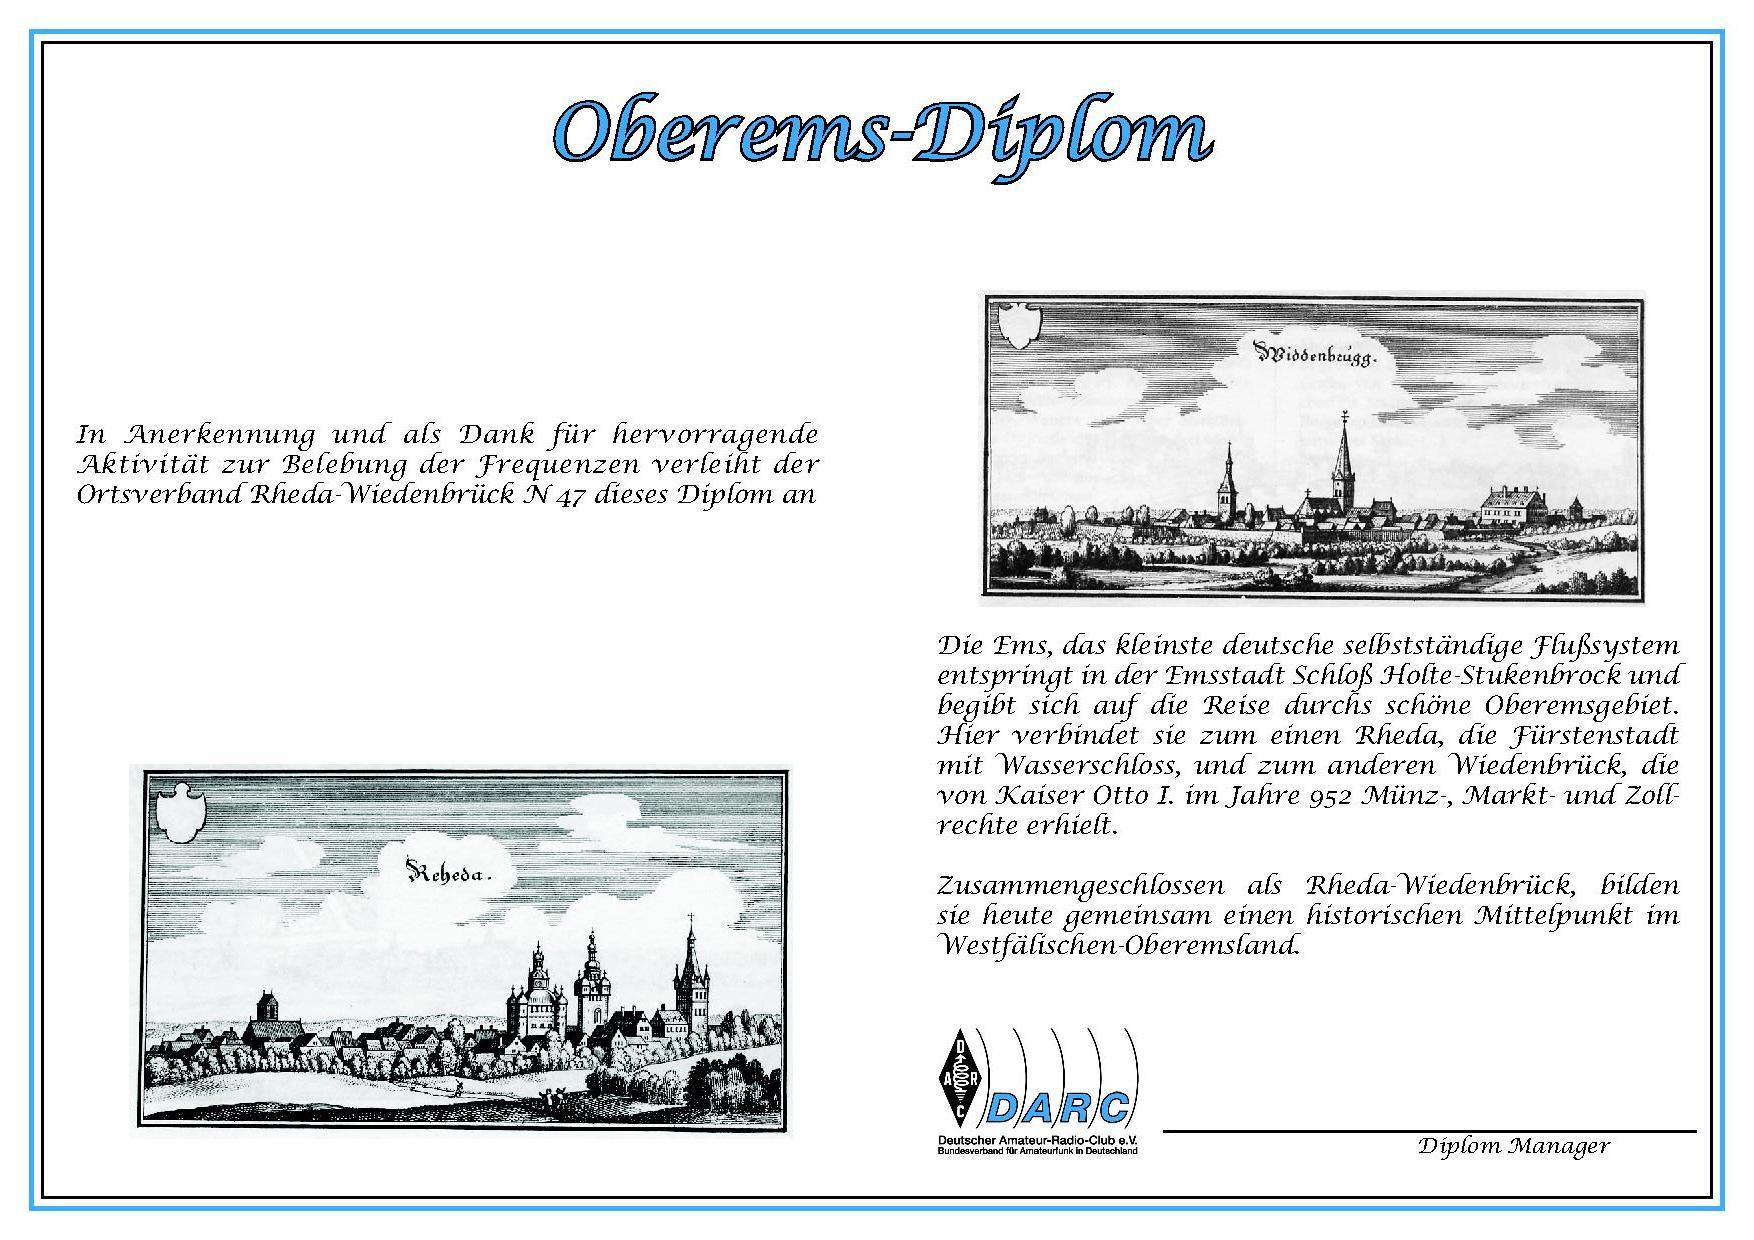 Oberems-Diplom